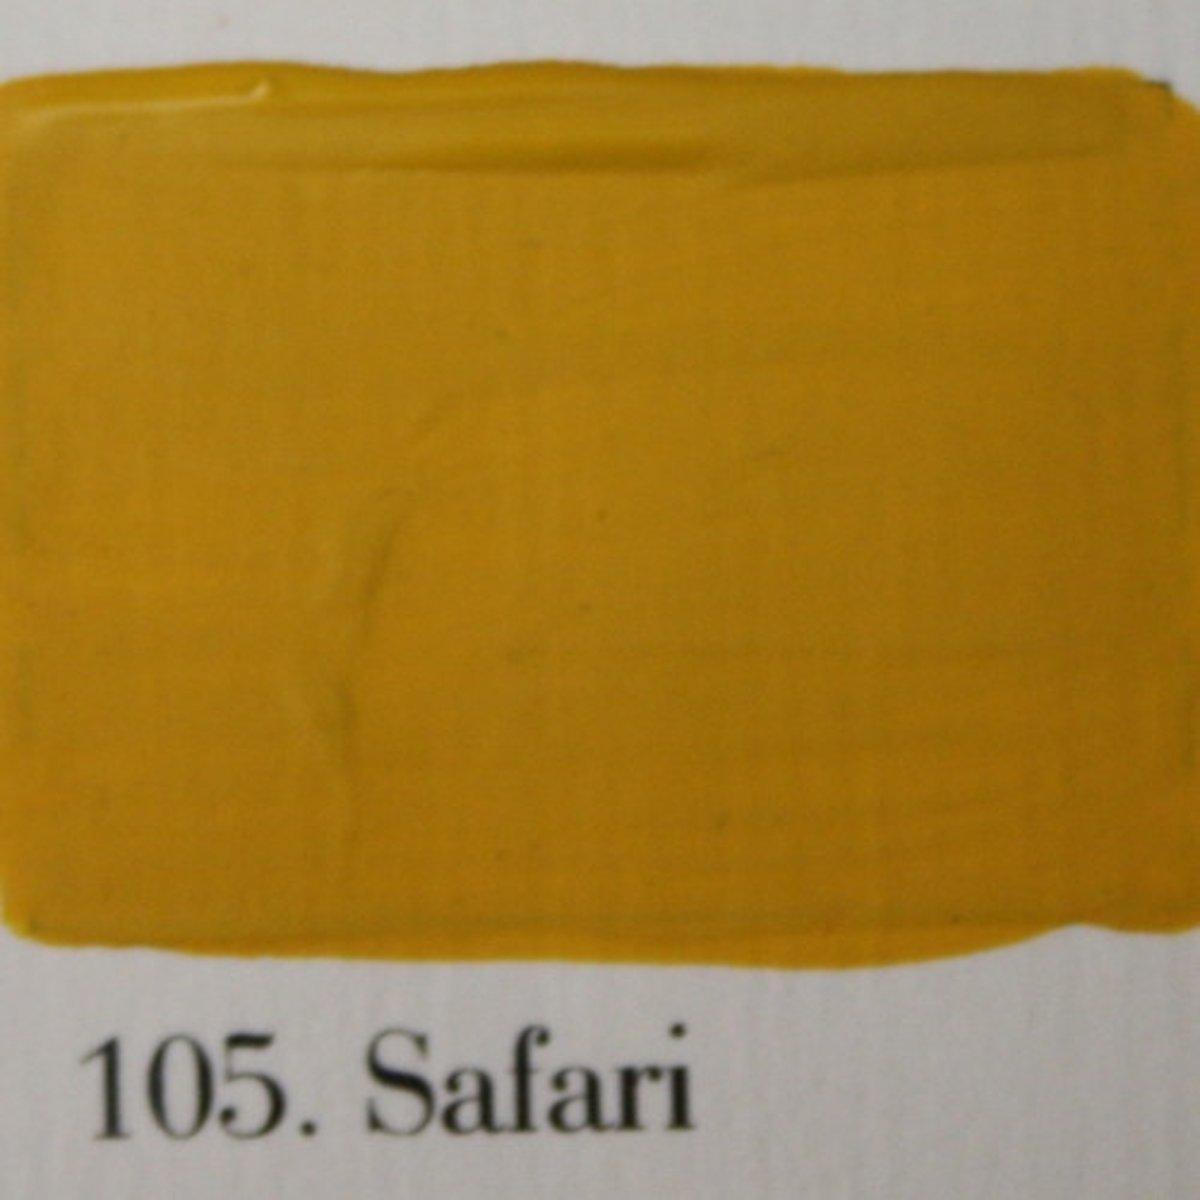 l'Authentique kleur 105.Safari